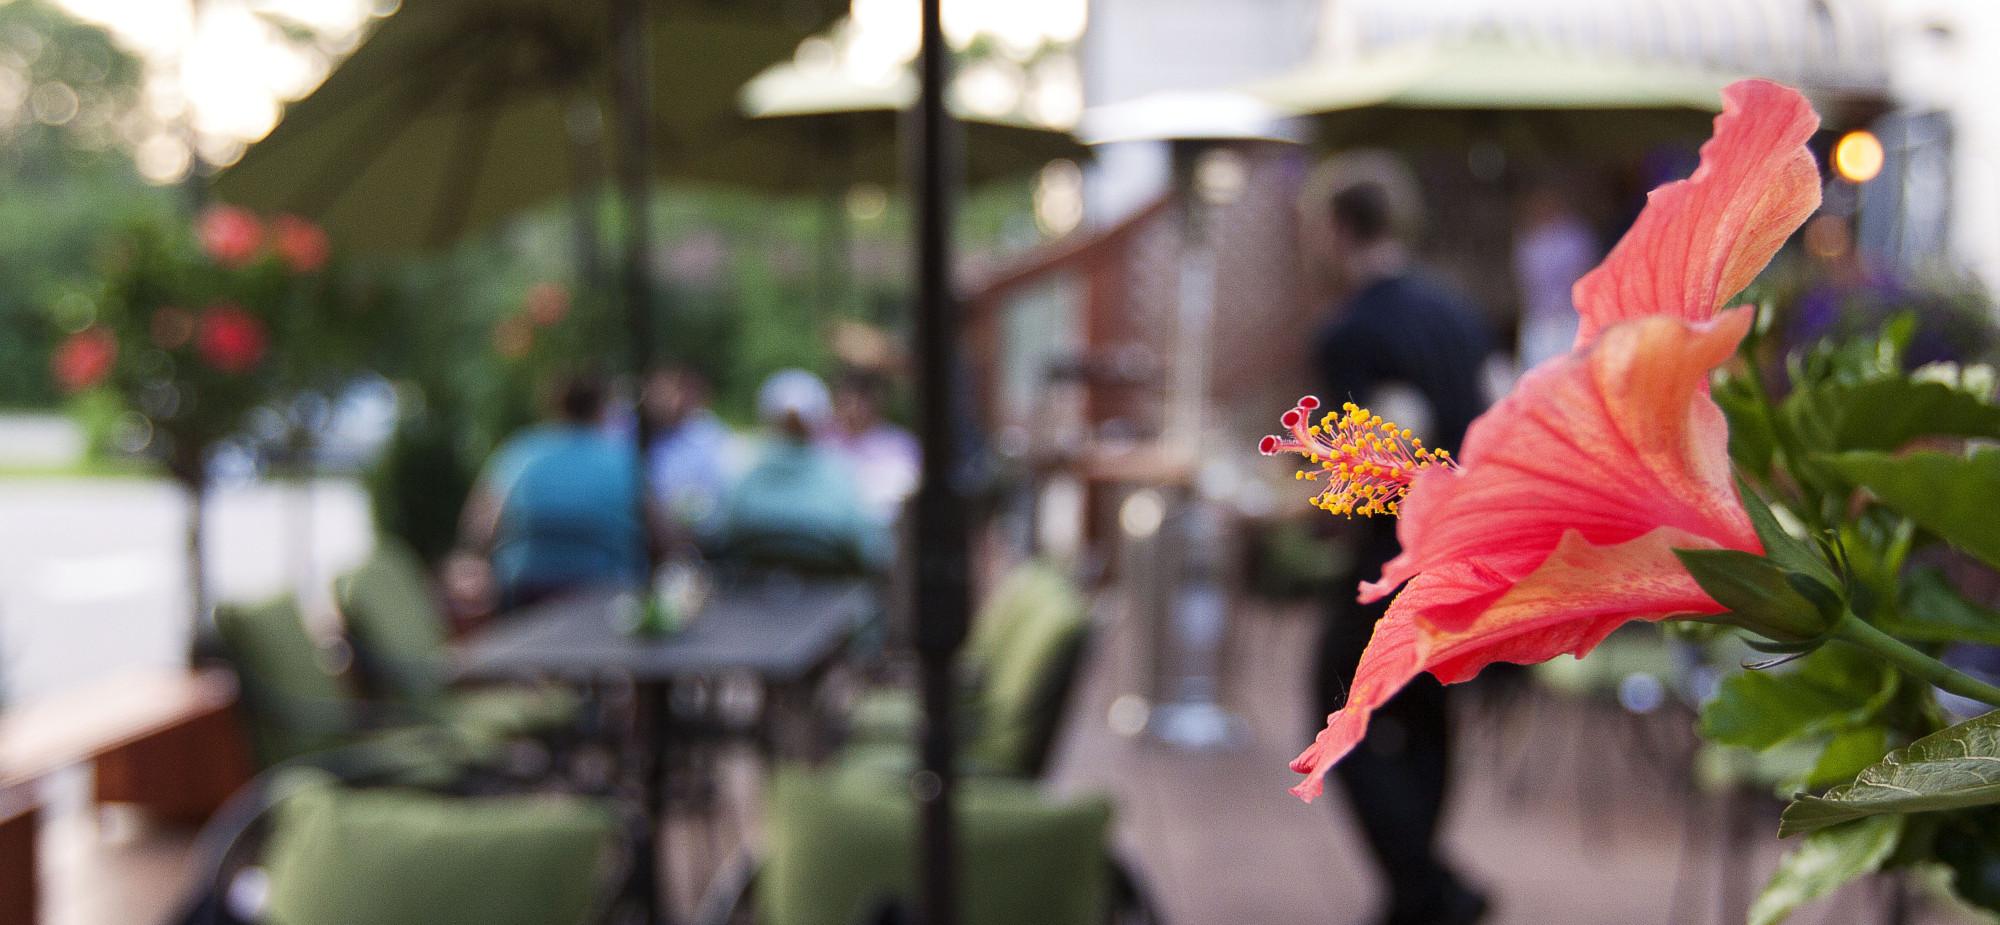 Kurt's Steakhouse Patio Outdoor Seating